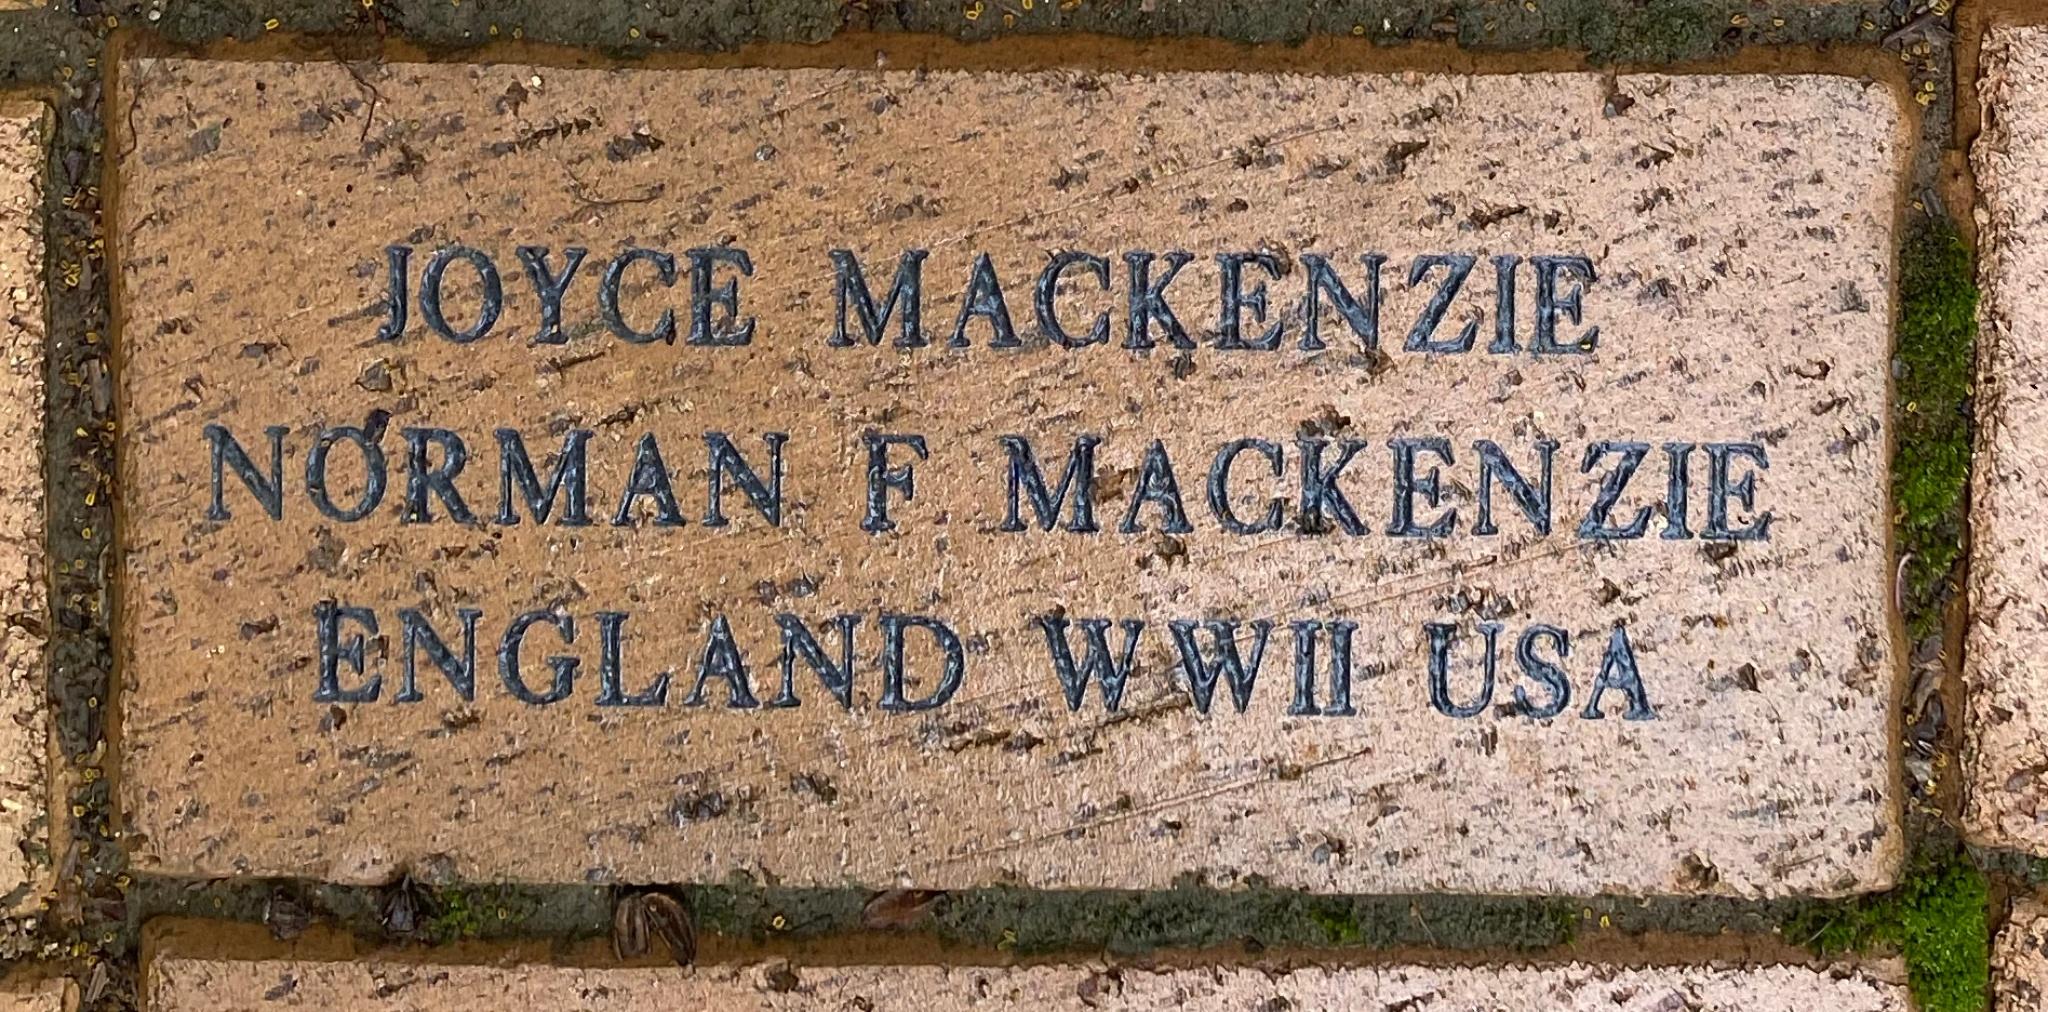 JOYCE MACKENZIE NORMAN F MACKENZIE ENGLAND WWII USA